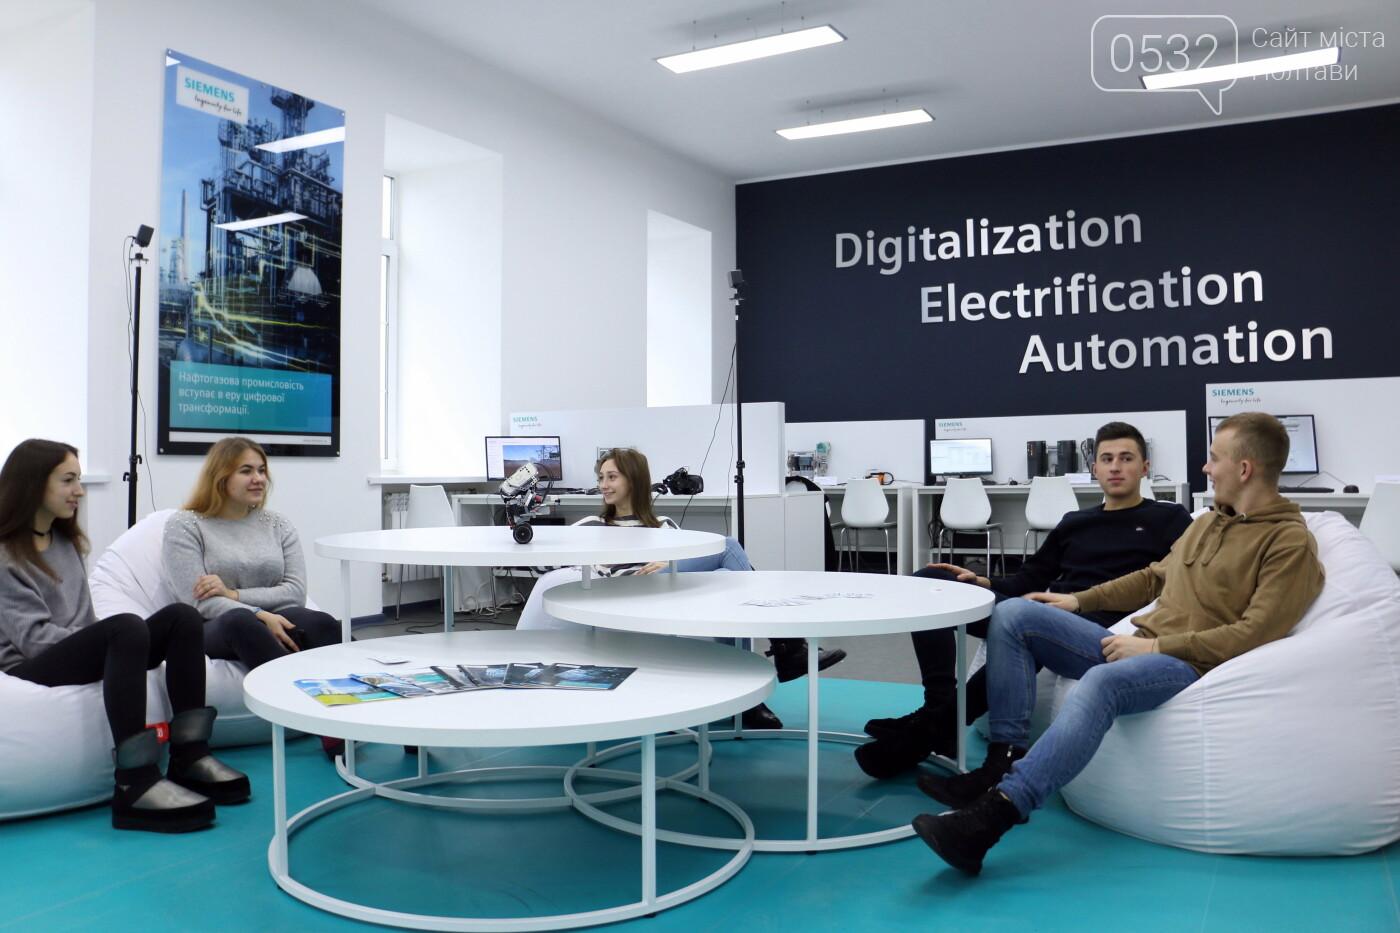 Полтавський національний технічний університет імені Юрія Кондратюка став «Полтавською політехнікою», фото-1